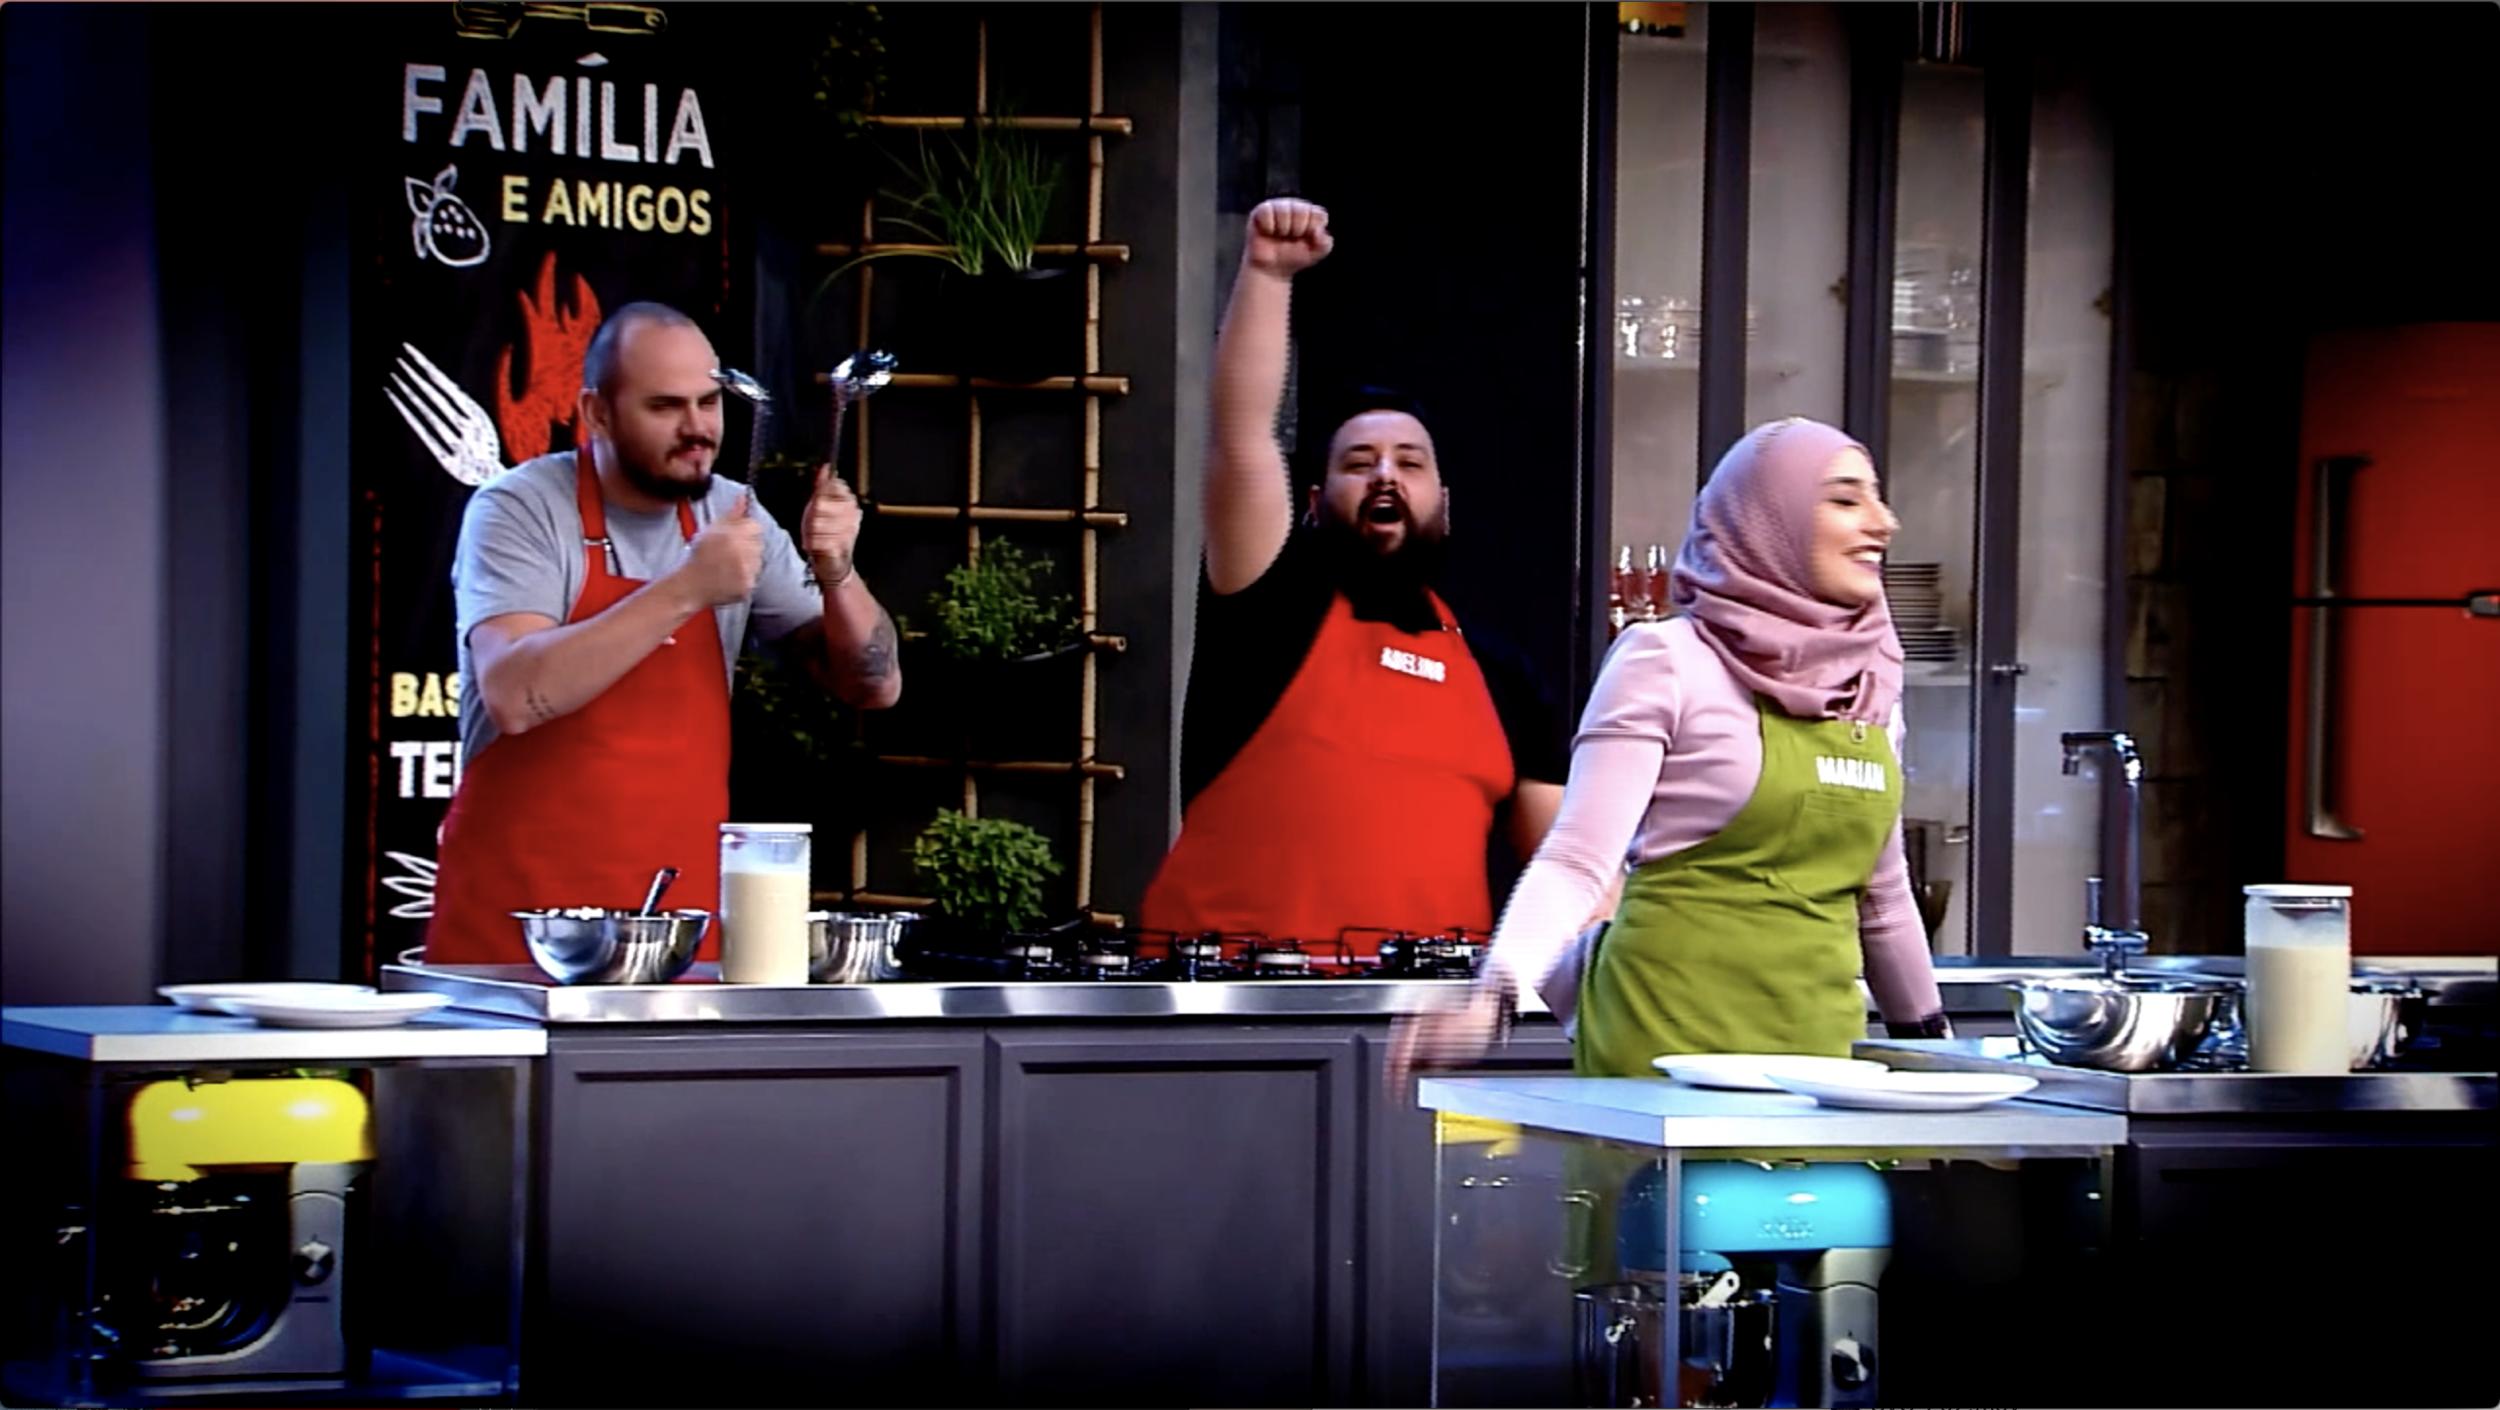 Batalha_dos_cozinheiros_18.png